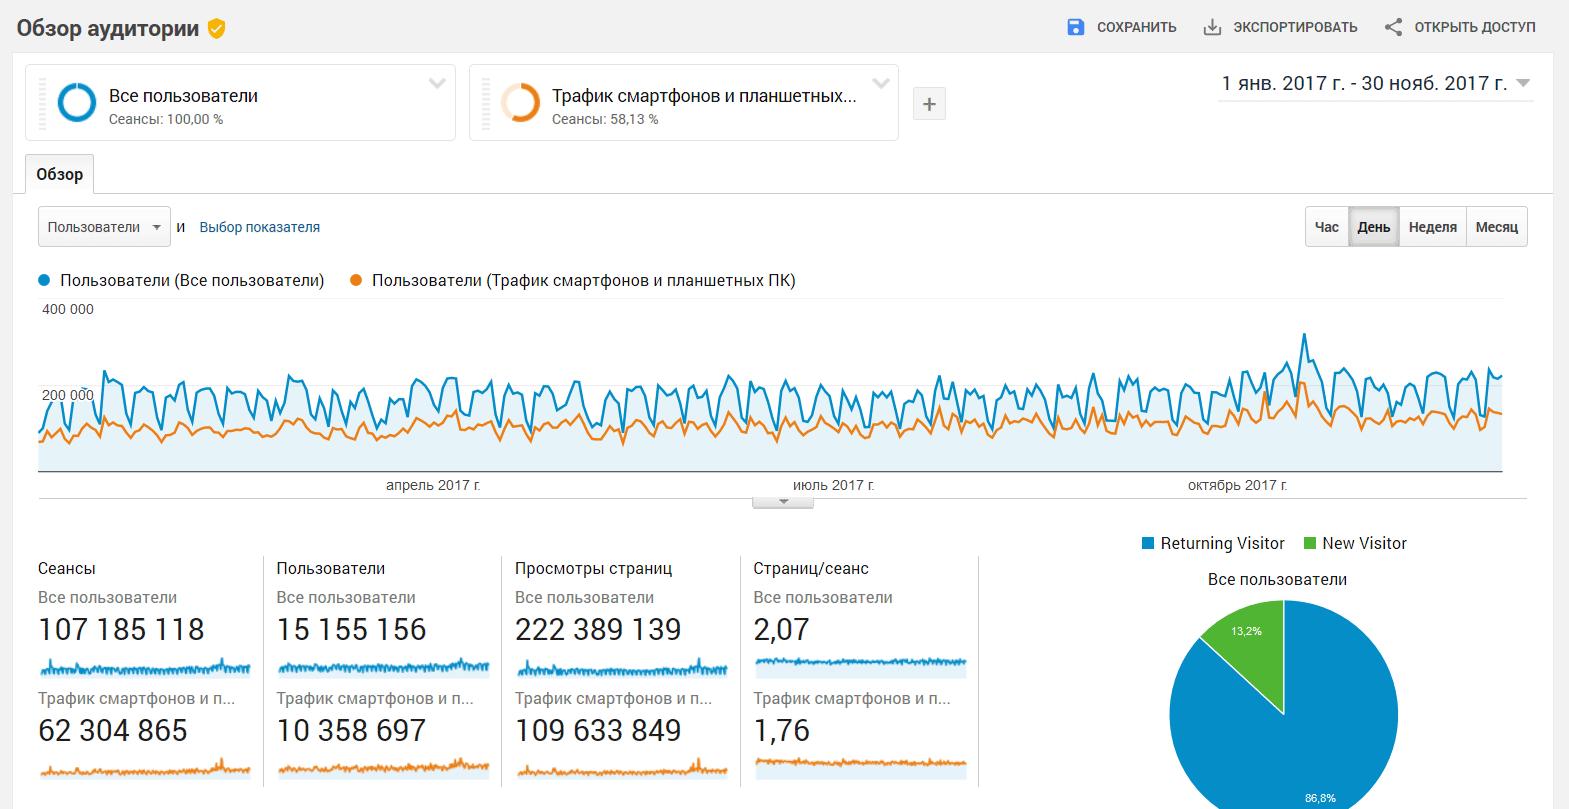 Google Analytics: За 2017 год удитория АКИpress выросла почти на 20% и превысила 15 млн уникальных пользователей